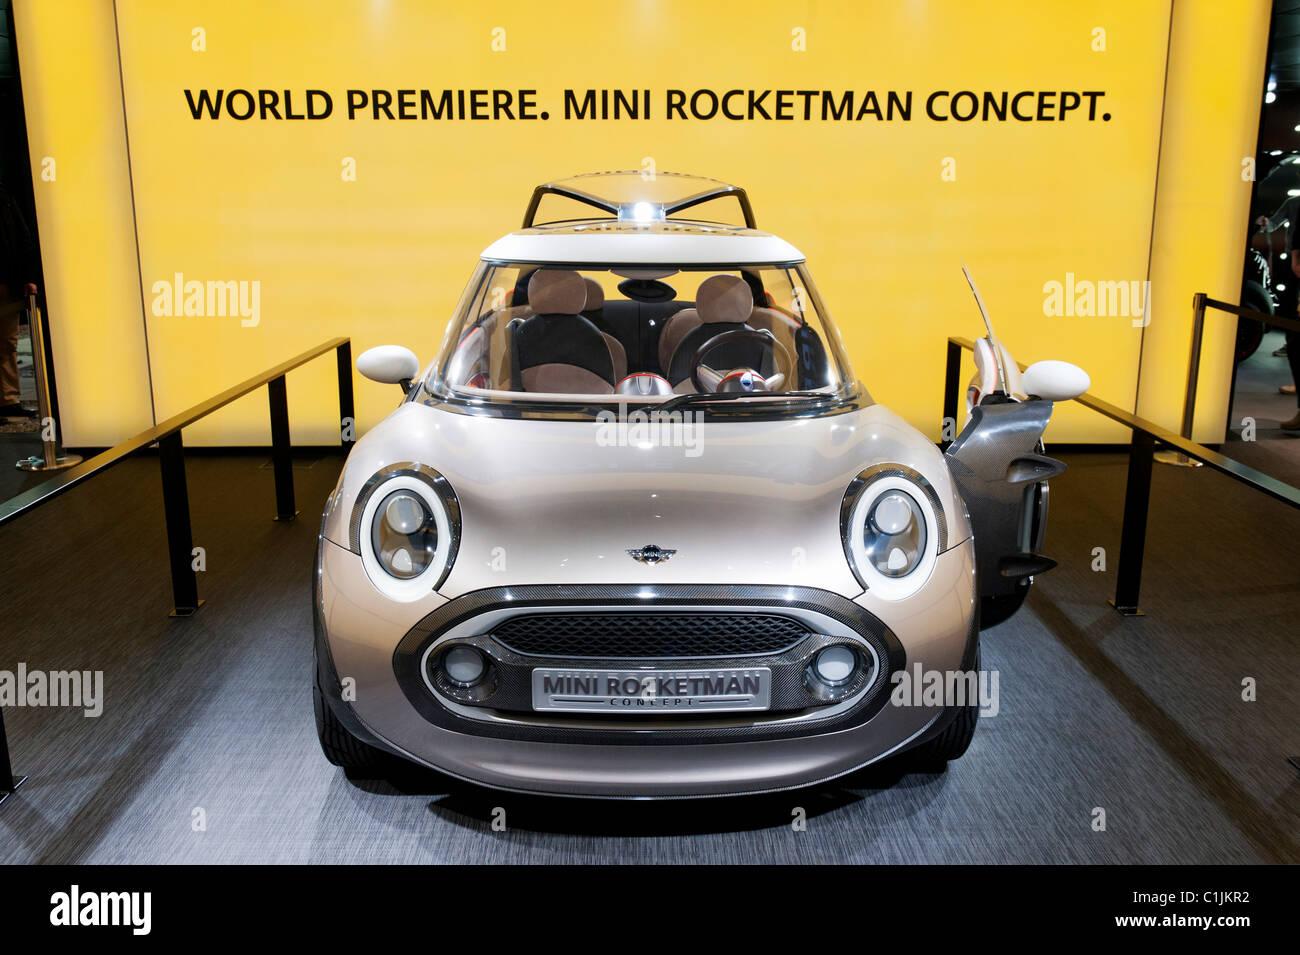 Nuevo Mini Rocketman concept car en el Salón de Ginebra 2011 Suiza Imagen De Stock